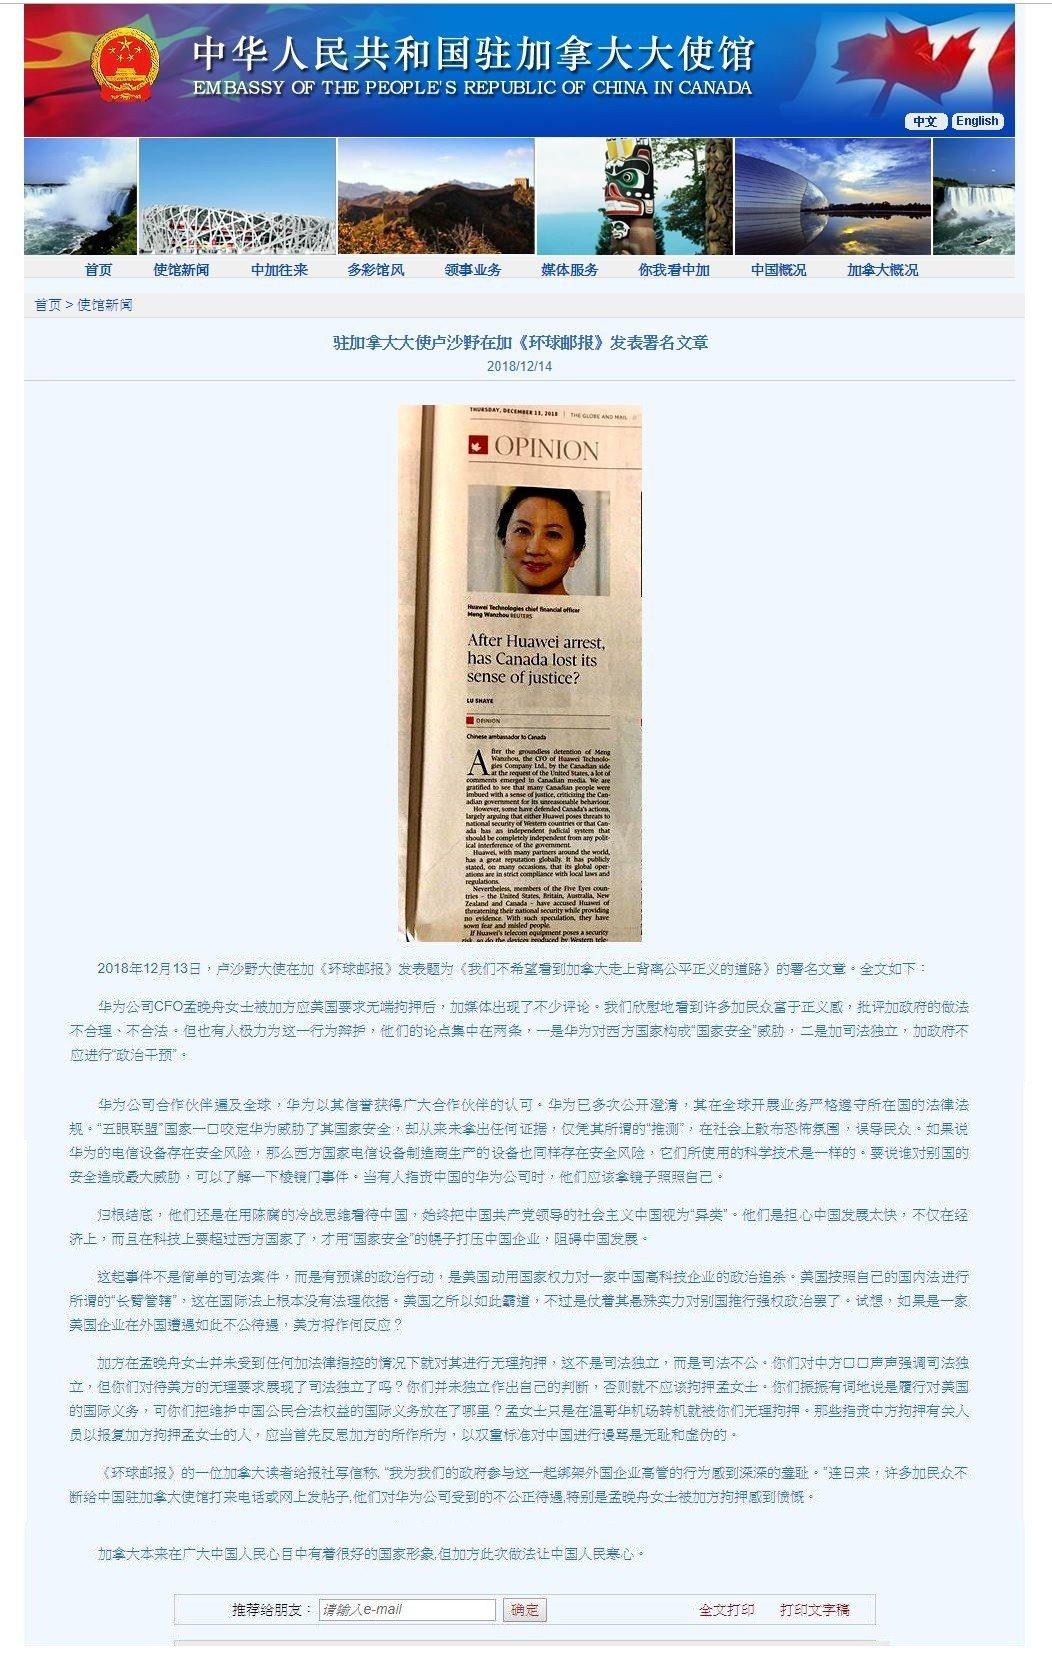 中共駐加拿大大使館官網截圖